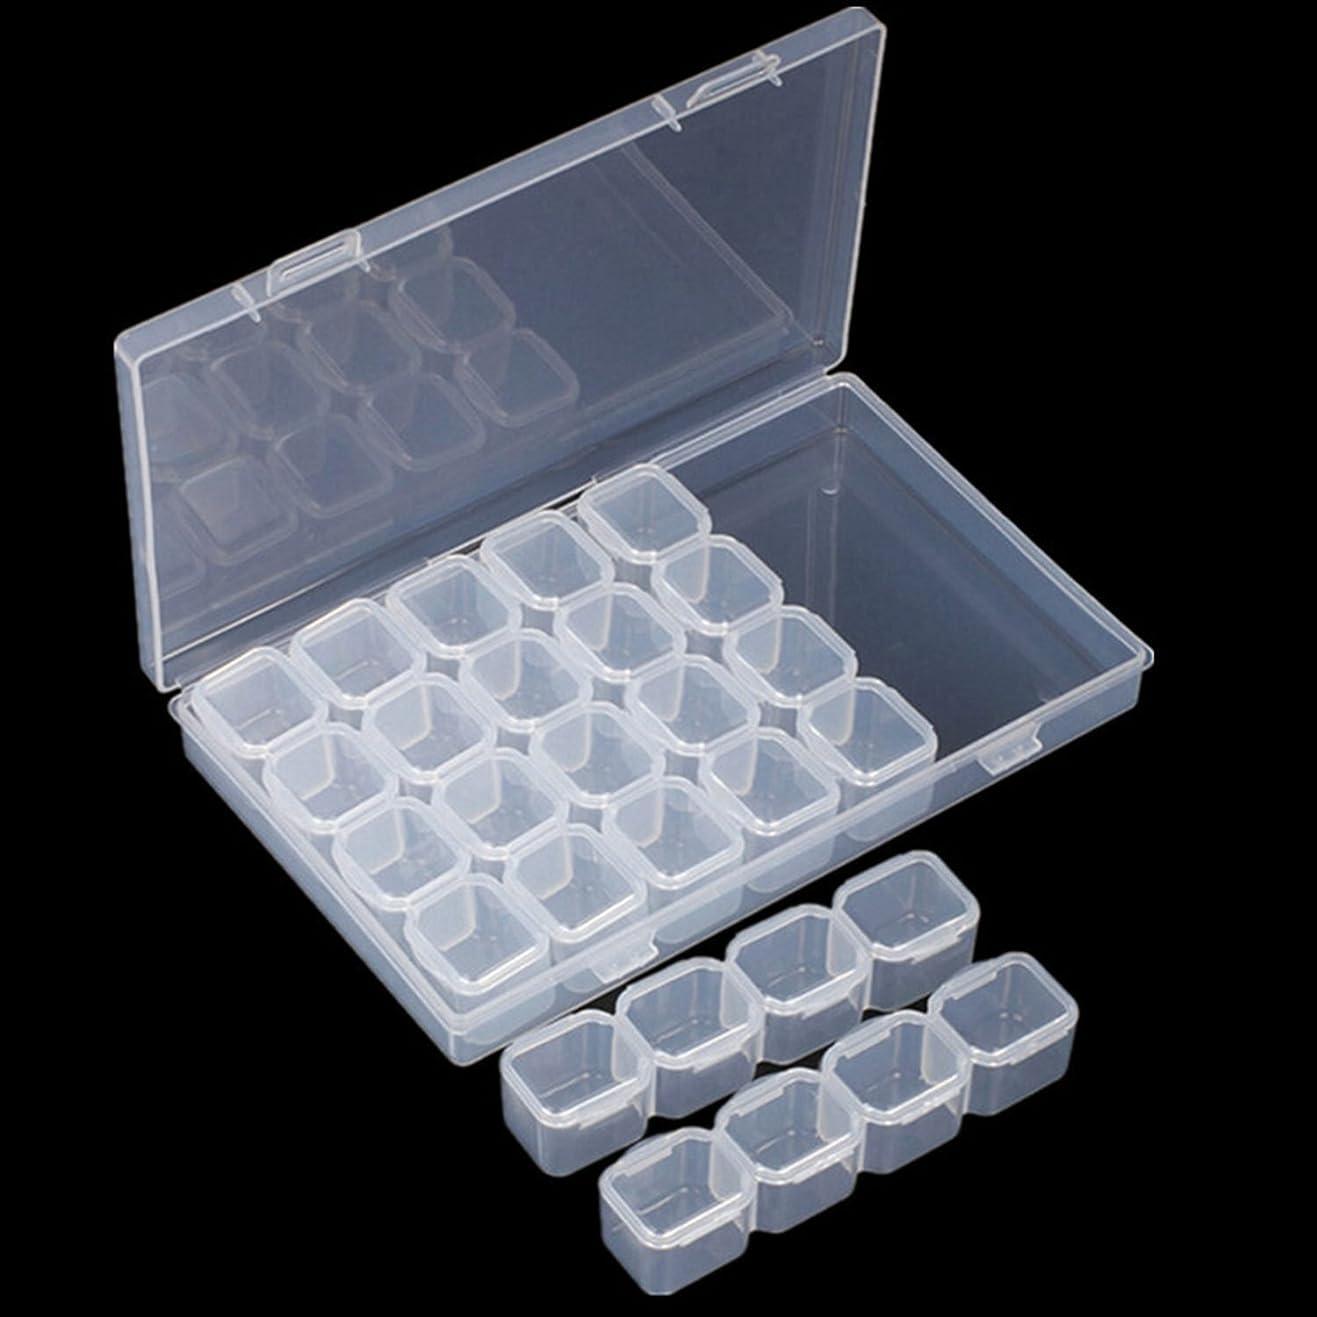 サークル微弱仮定するSODIAL ネイル28ラティスジュエリーボックス組み立てることができる解体ボックスネイル装飾ガジェット合金ダイヤモンドの装飾品のボックス